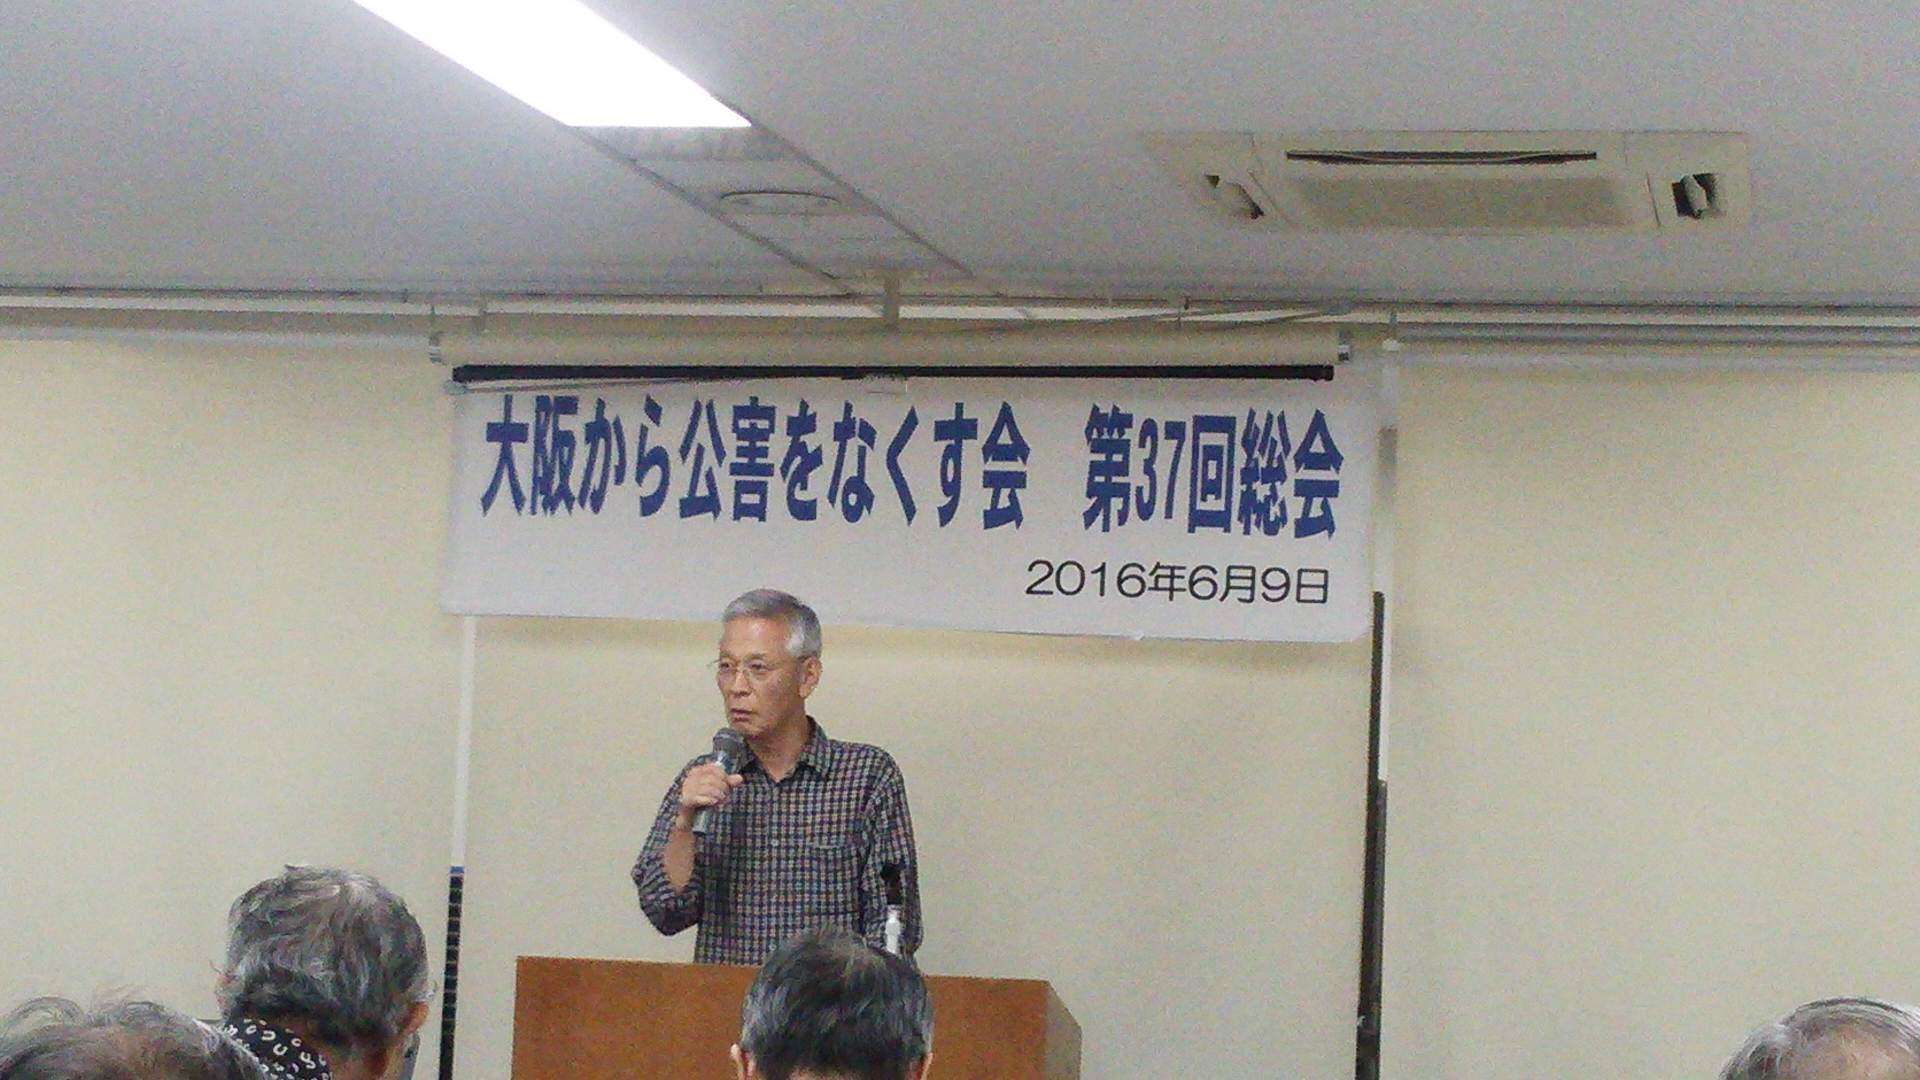 大阪から公害をなくす会の総会へ